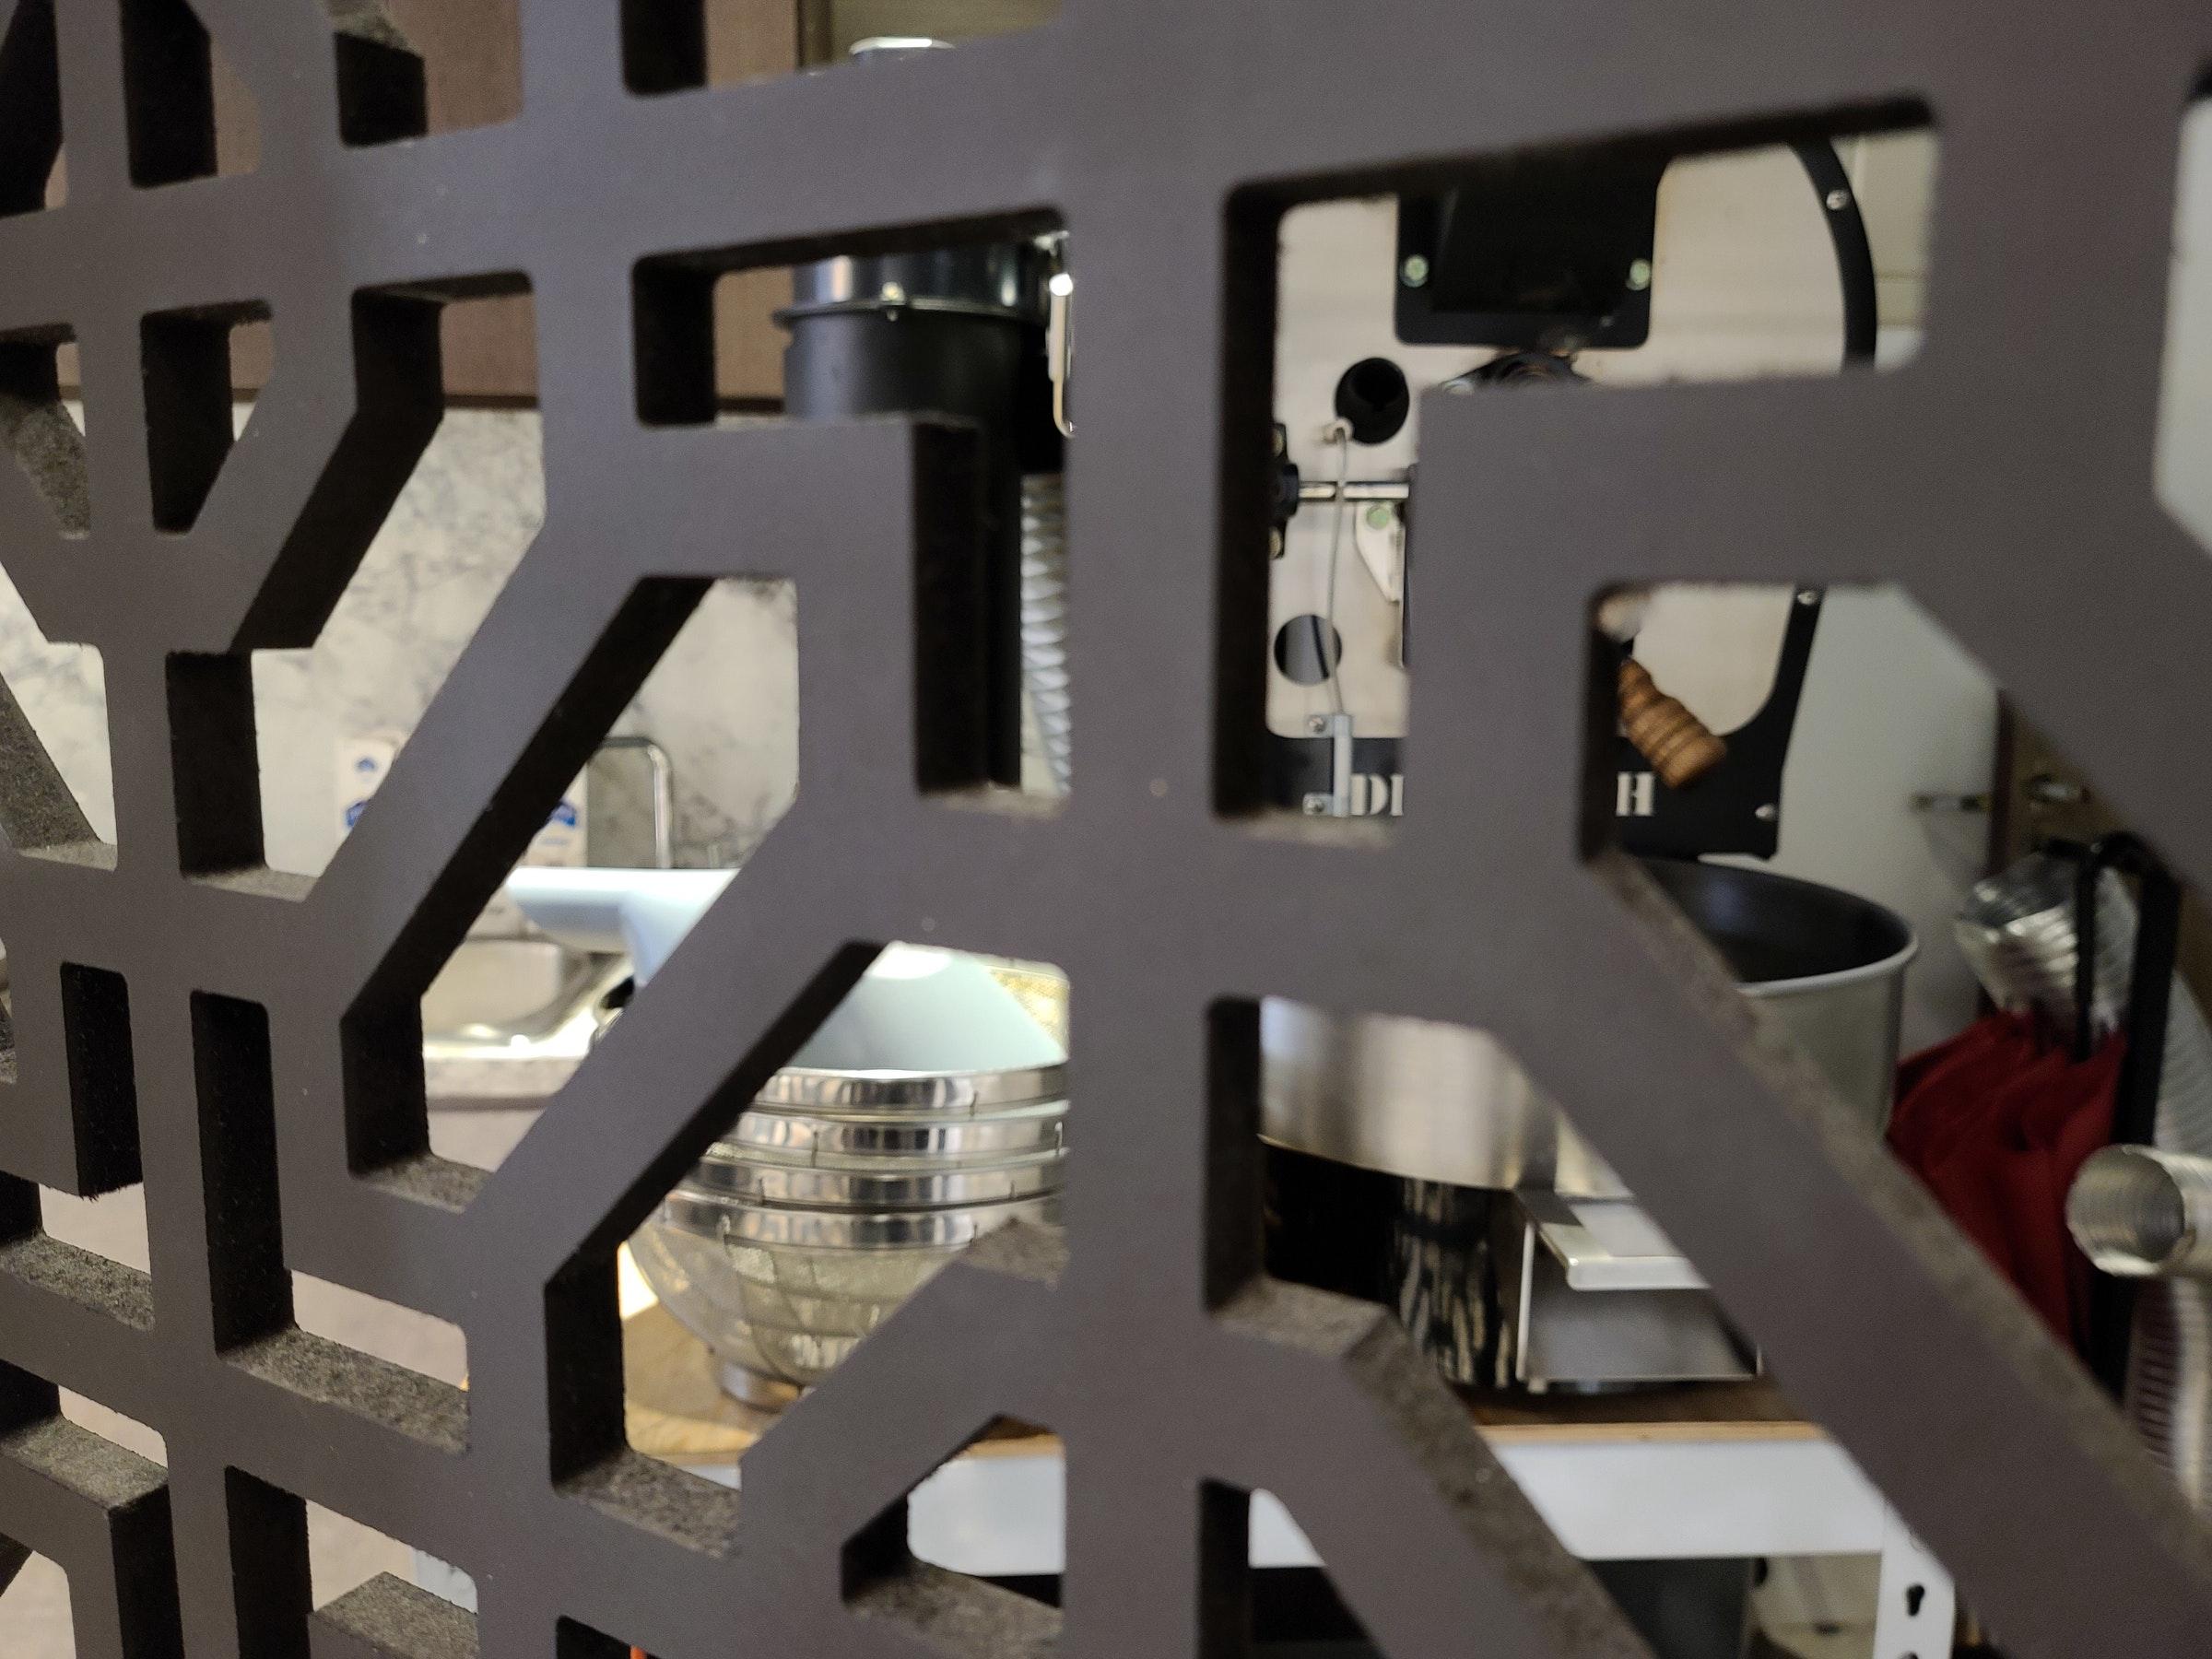 照片中提到了DI,跟秘鲁广播电台有关,包含了家具类、产品设计、家具类、设计、产品